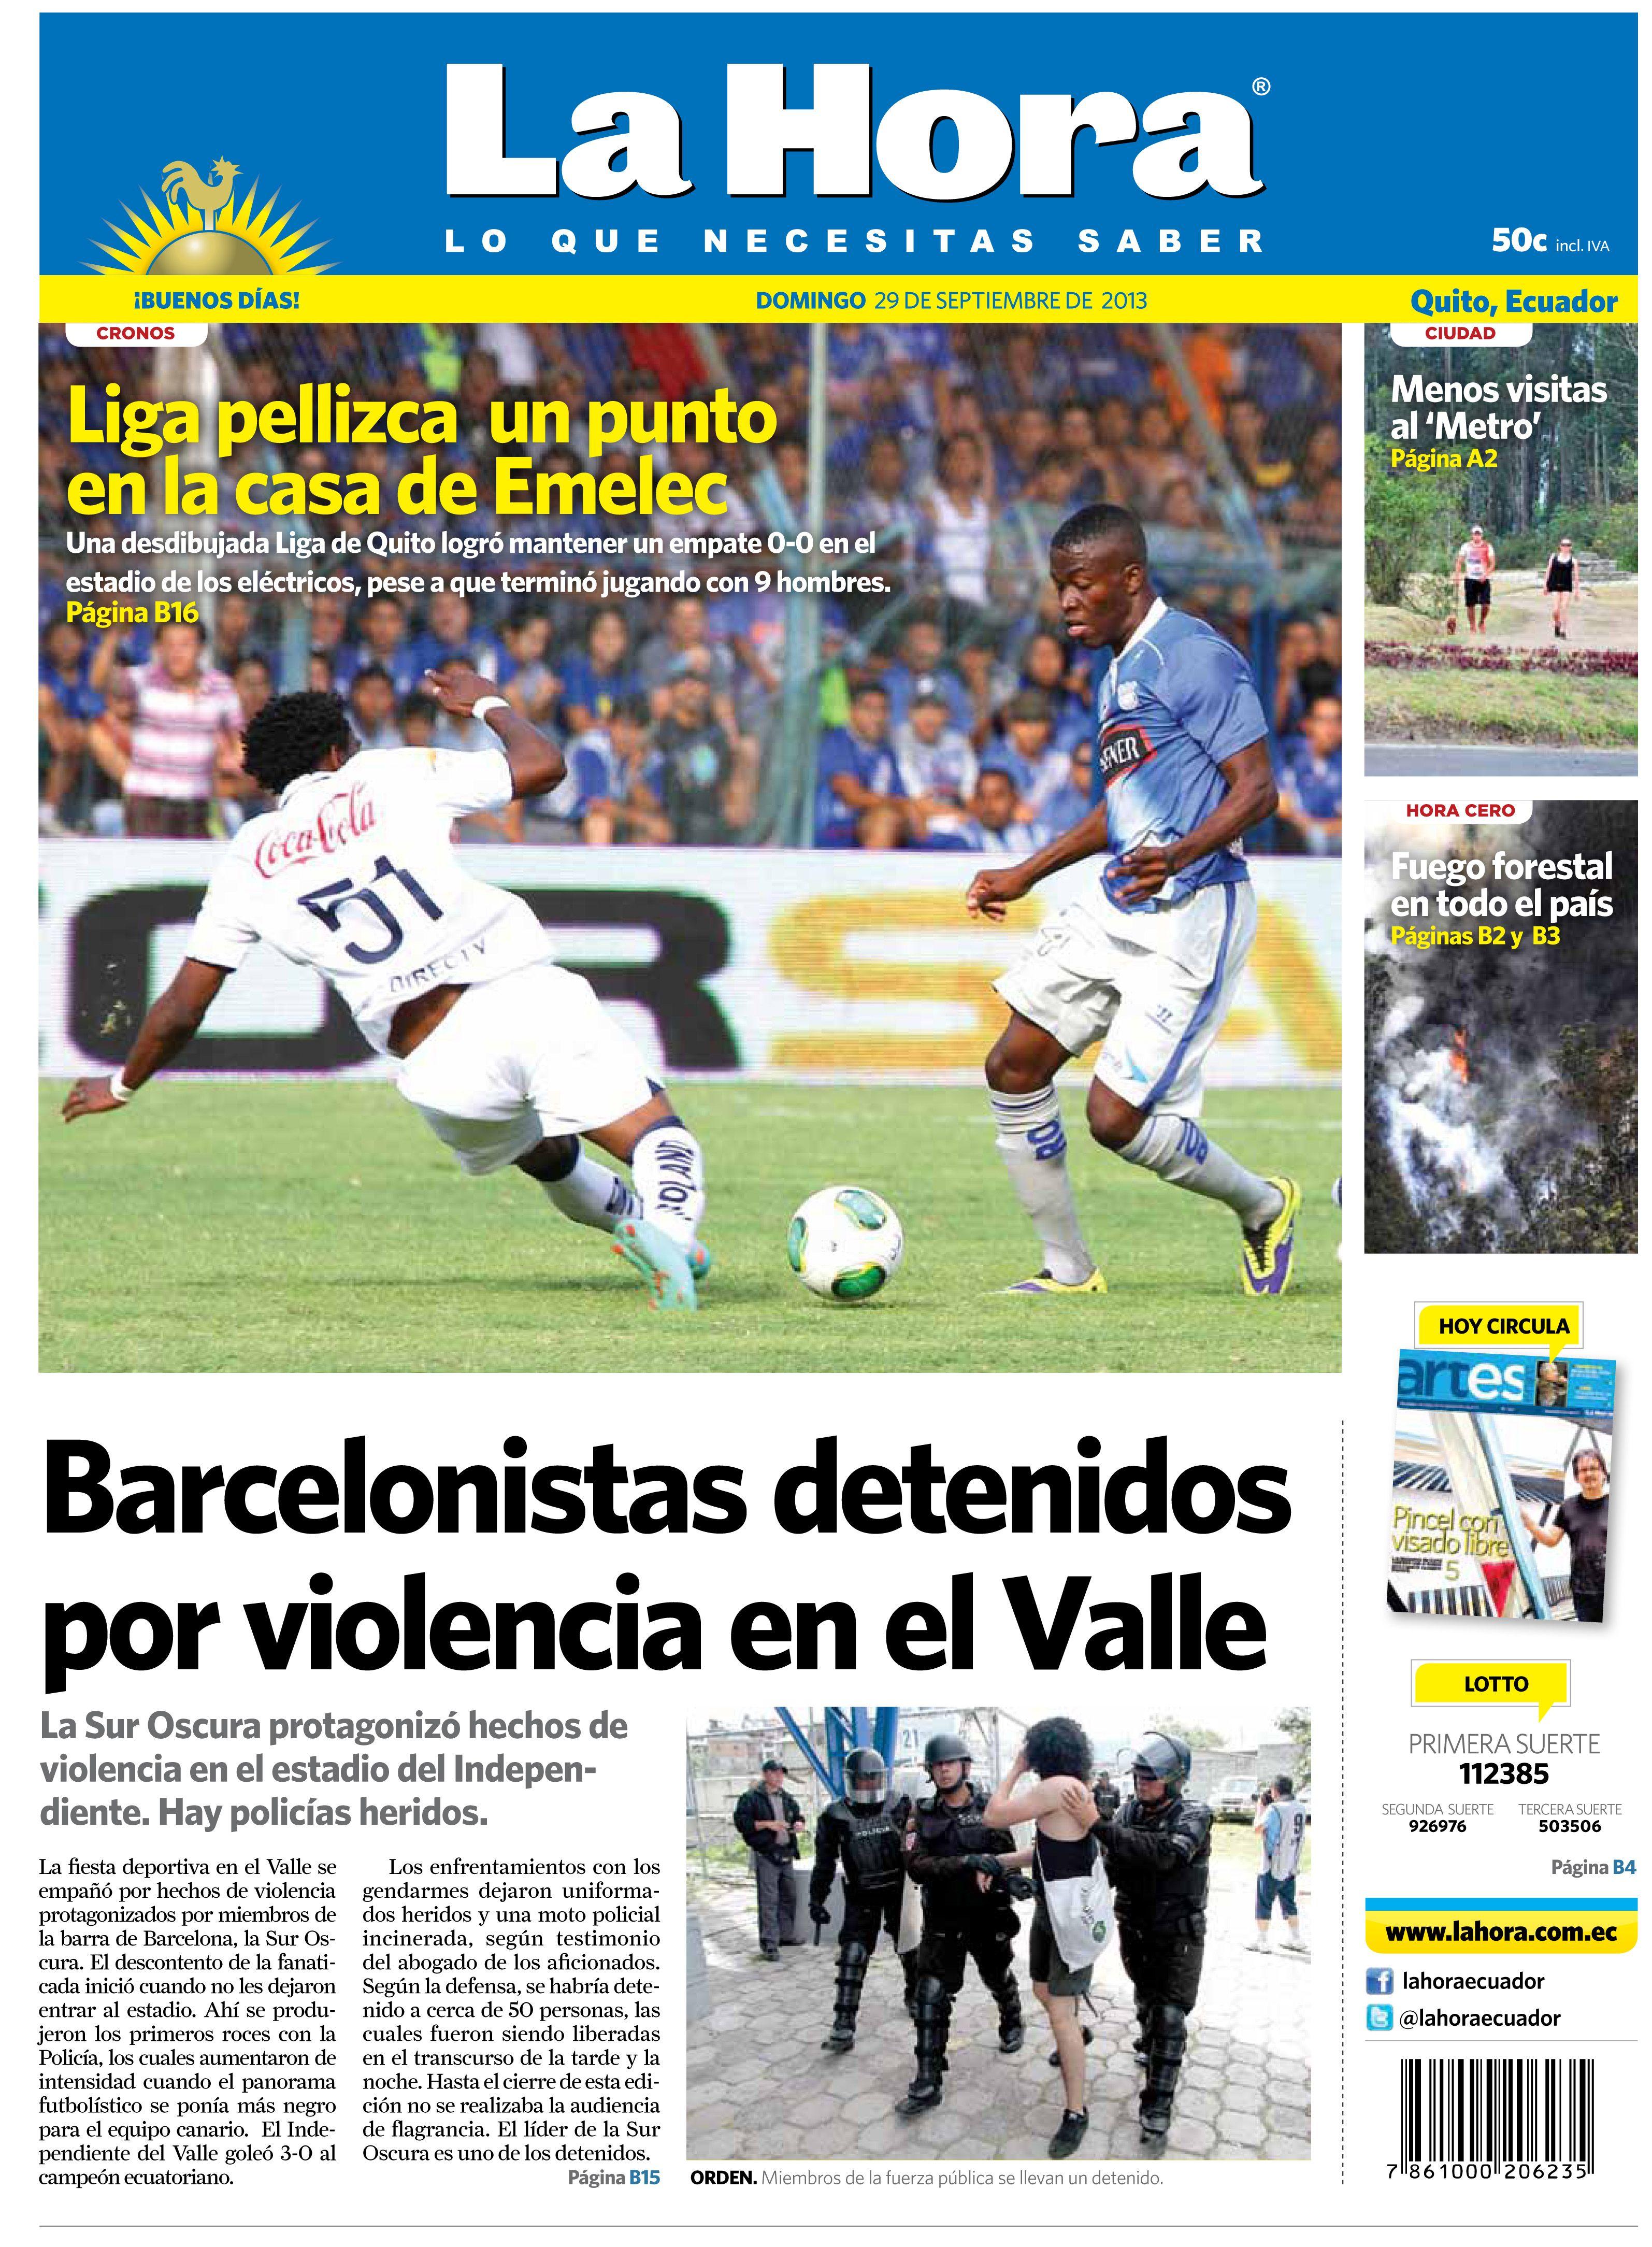 En portada el empate de Liga de Quito ante el Emelec. 40 hinchas de Barcelona detenidos